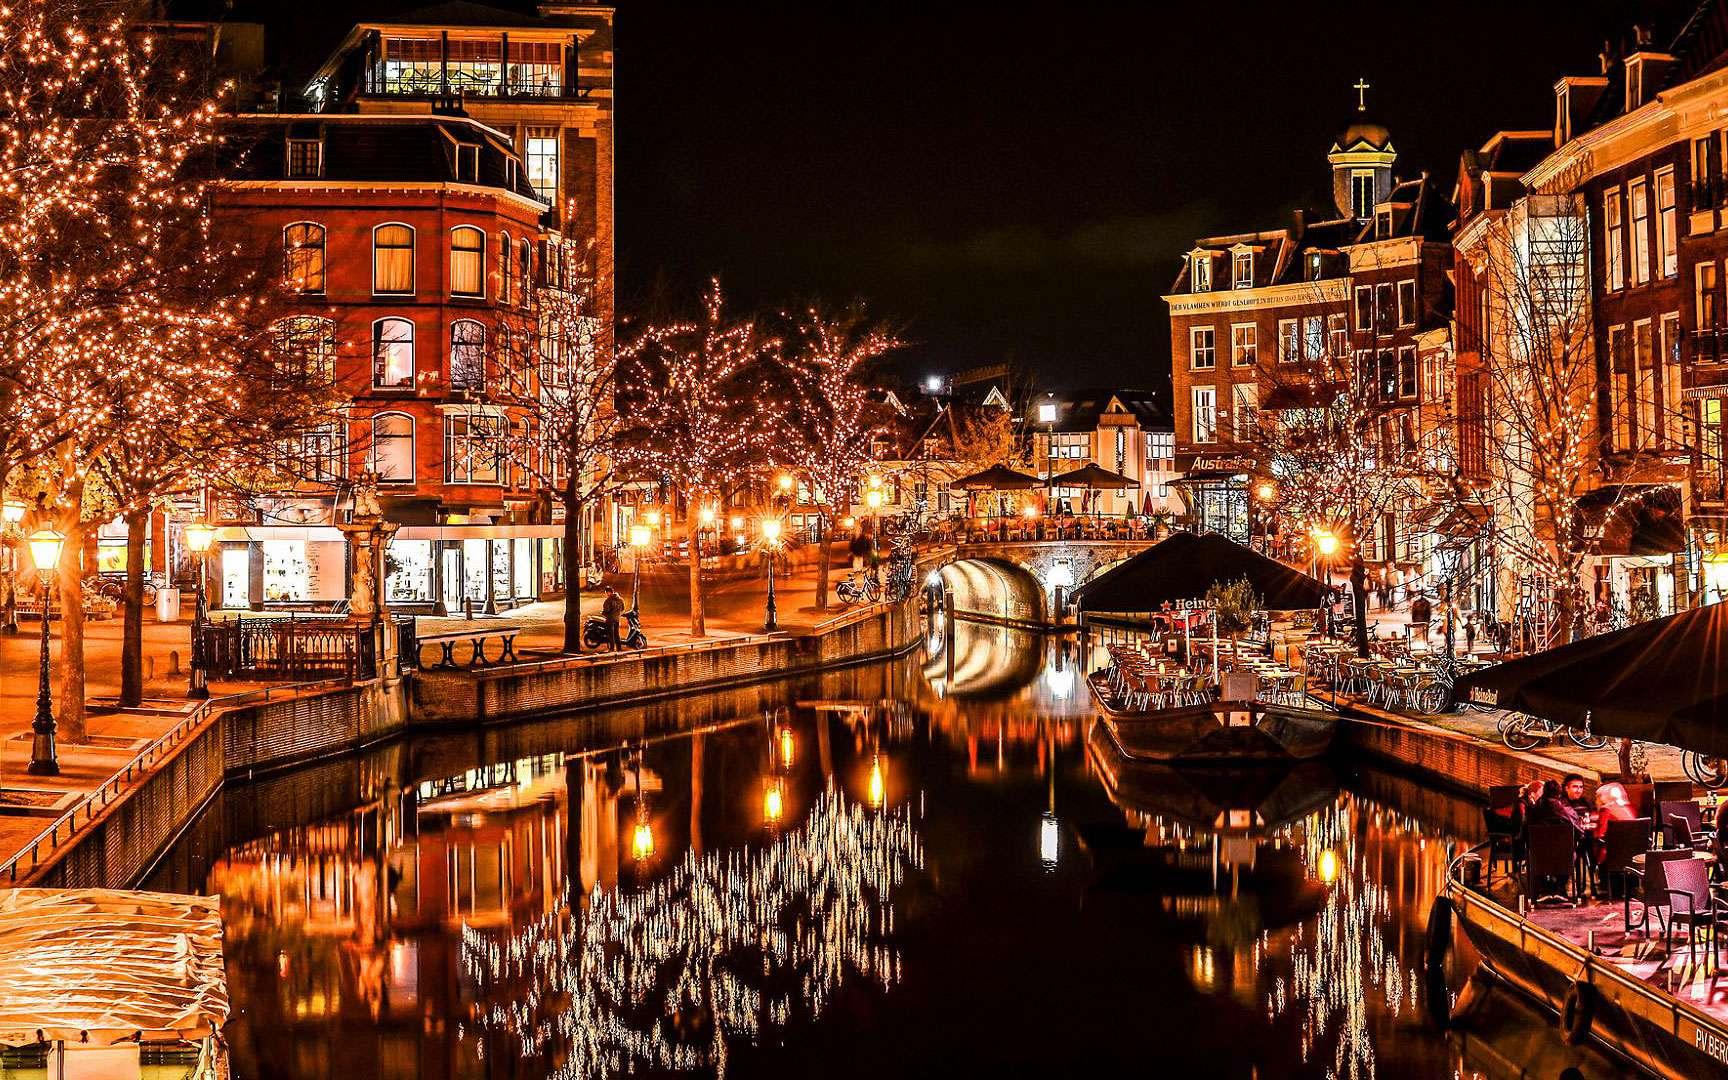 Les canaux illuminés pour Noël, en Hollande. En Hollande, les décorations de Noël sont flamboyantes. Ici le canal central à Leiden. © Meiry Peruch Mezari, CC by-nc 2.0